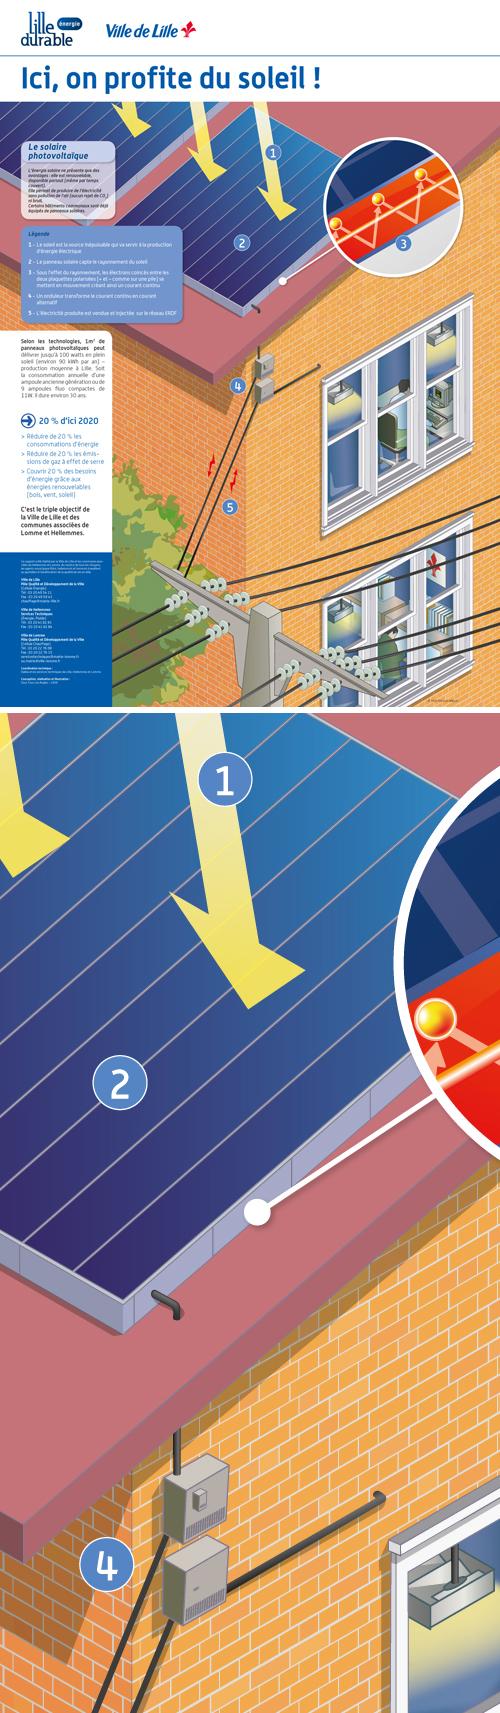 """Ville de Lille / Dalkia : affiche pédagogique """"Photovoltaïque"""" © Sous Tous les Angles"""